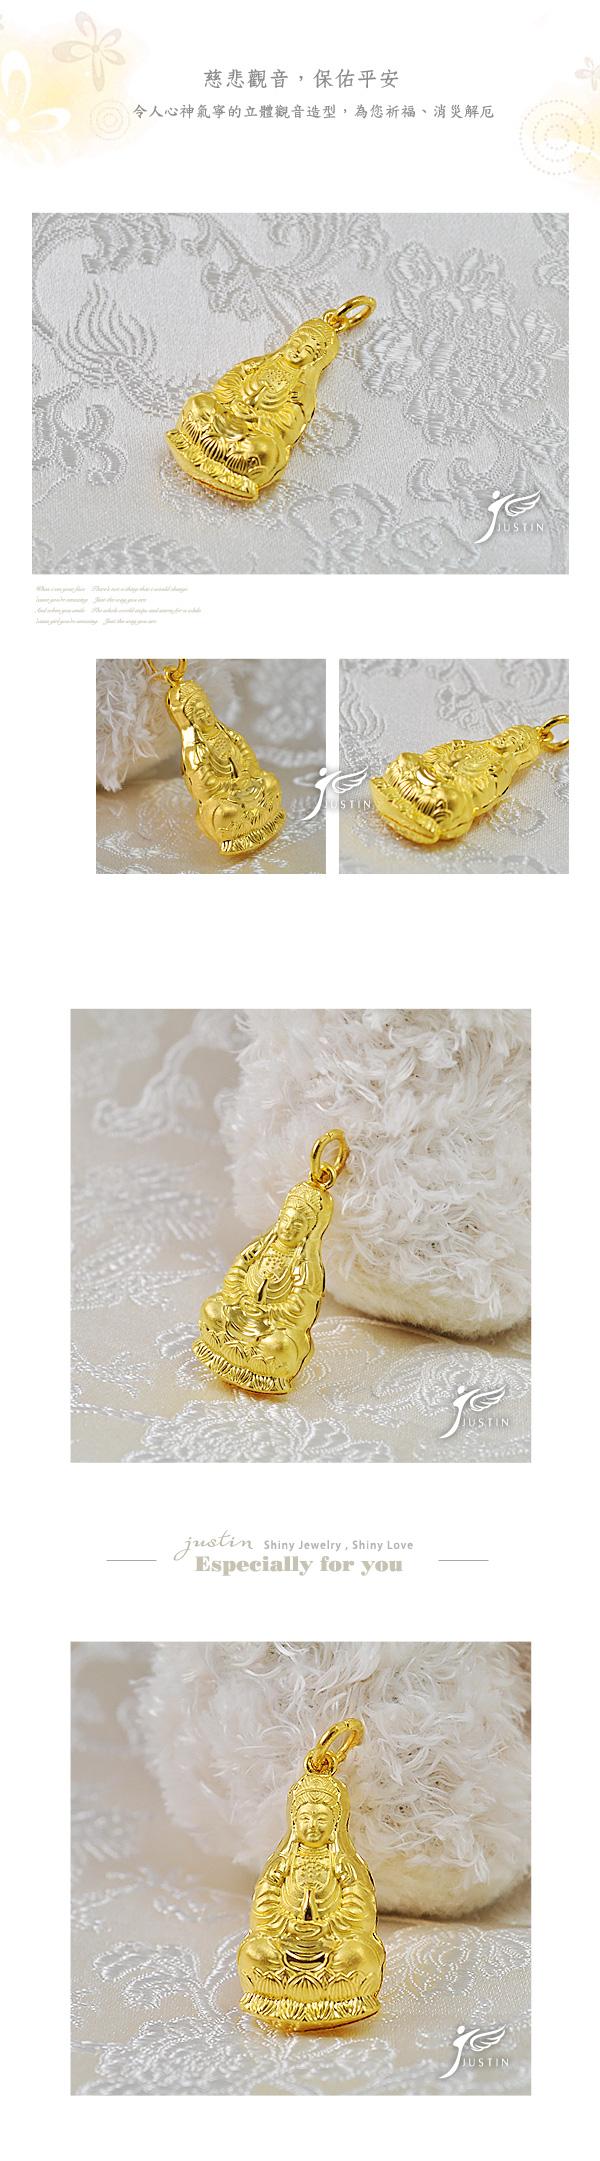 金緻品,金製品,黃金價格,金飾,金飾價格,黃金飾品,金飾店,純金,金飾品牌,黃金投資,保平安觀音